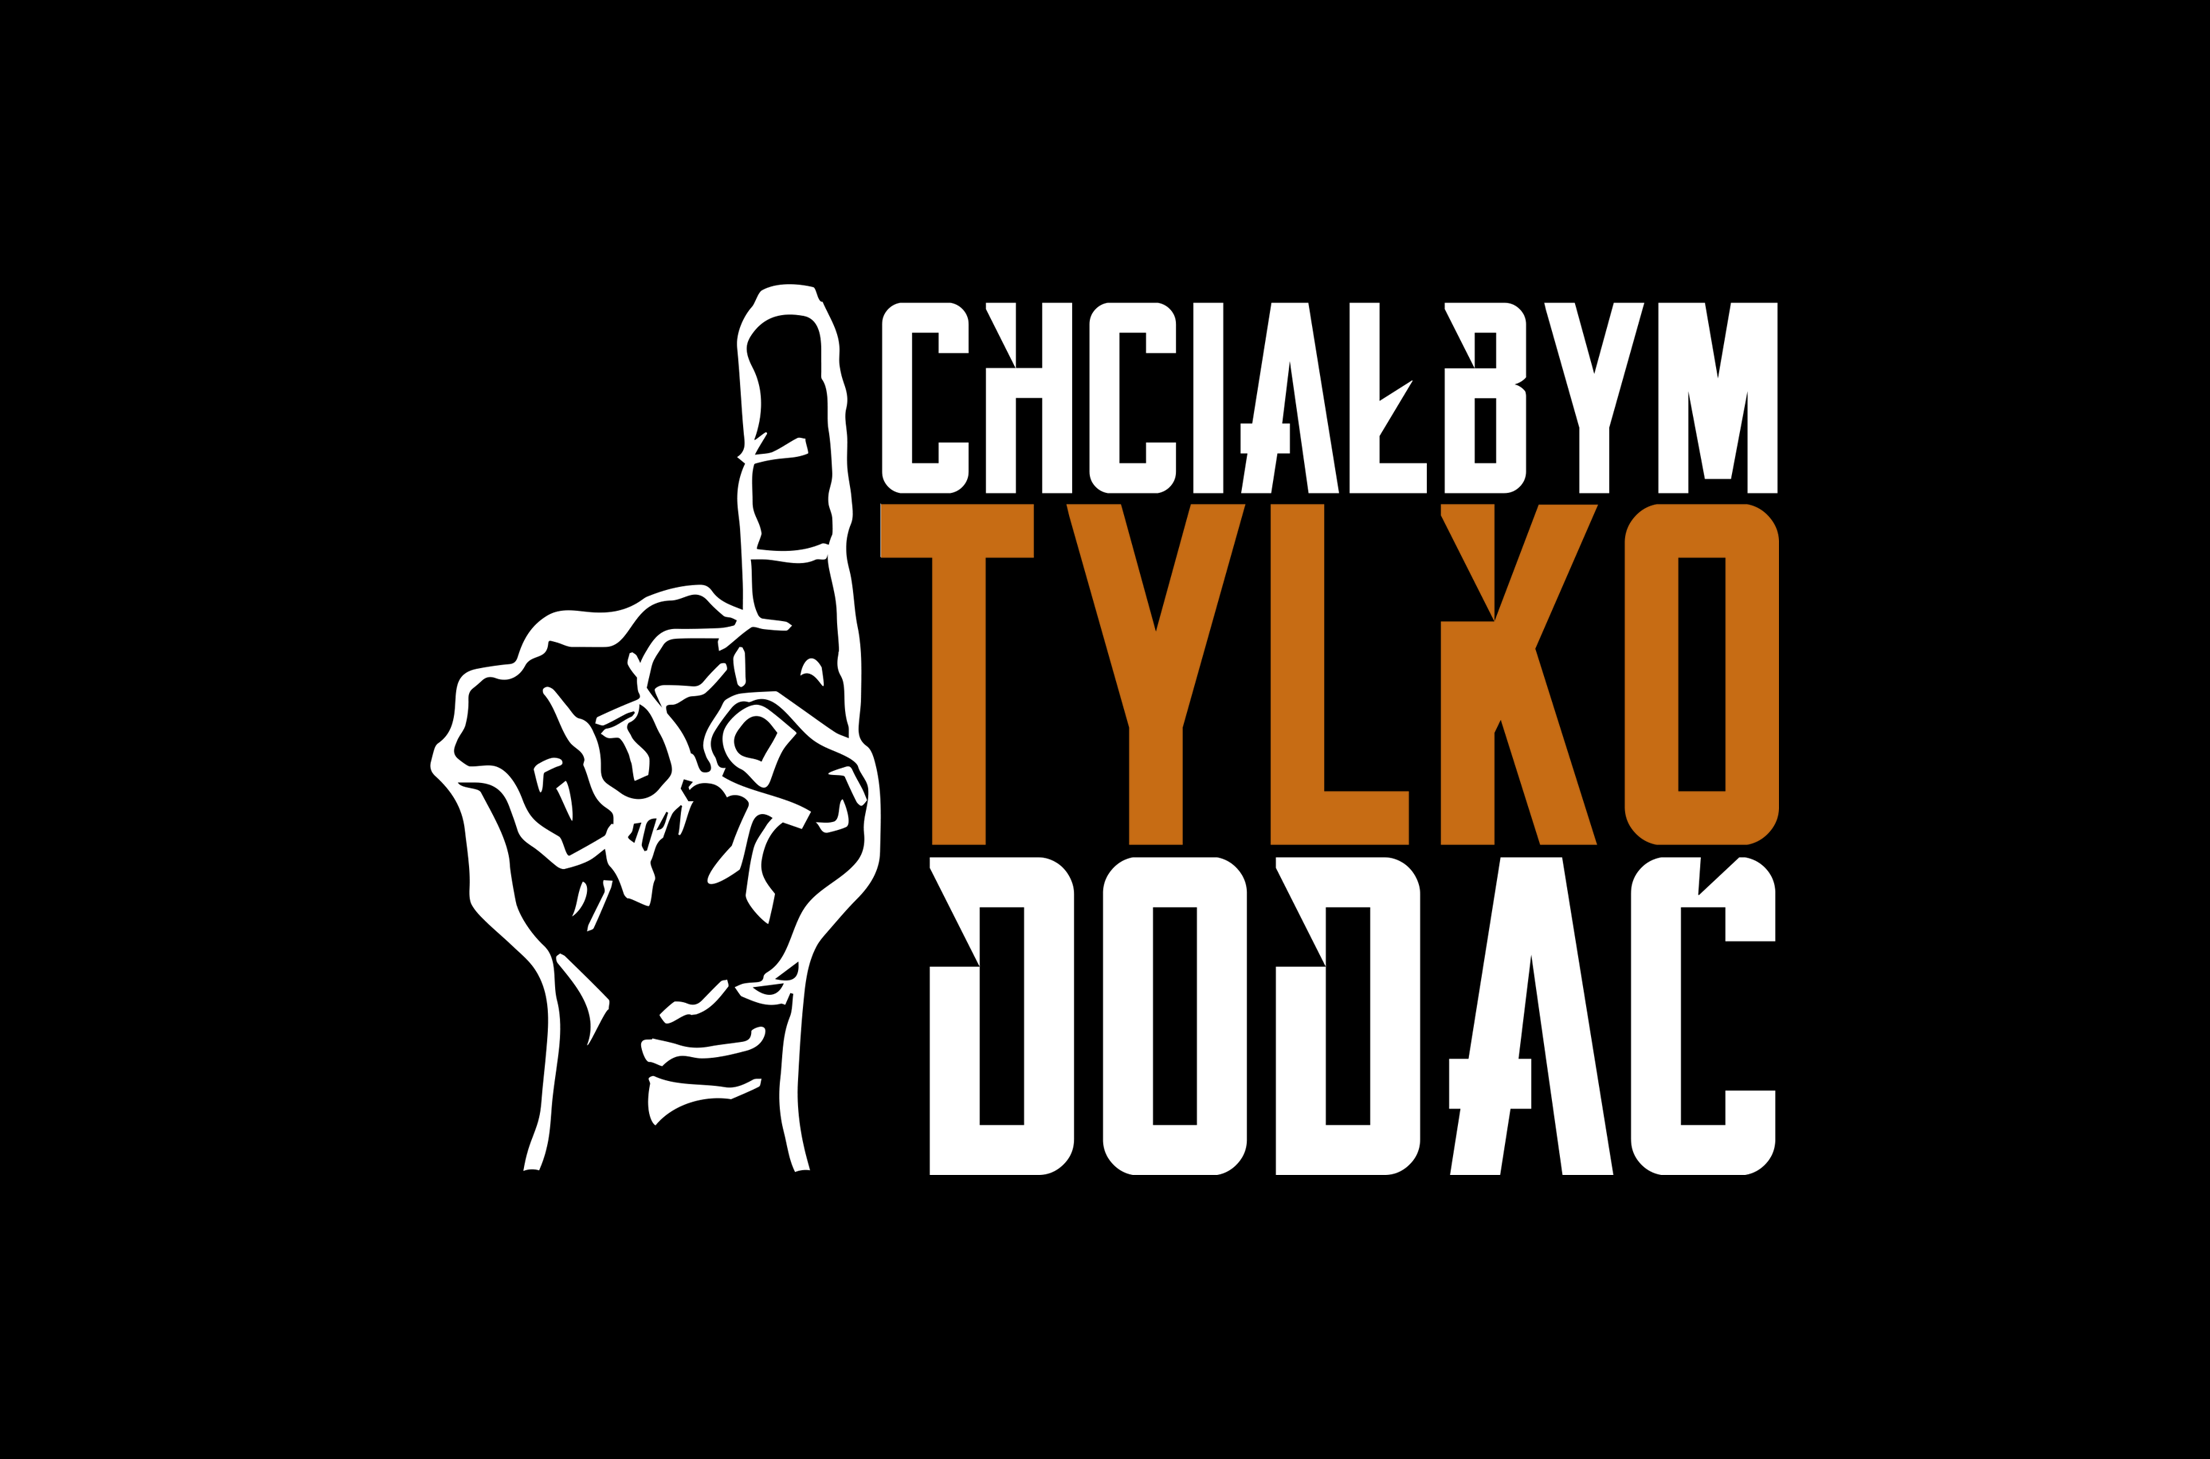 Logo programu CHCIAŁBYM TYLKO DODAĆ